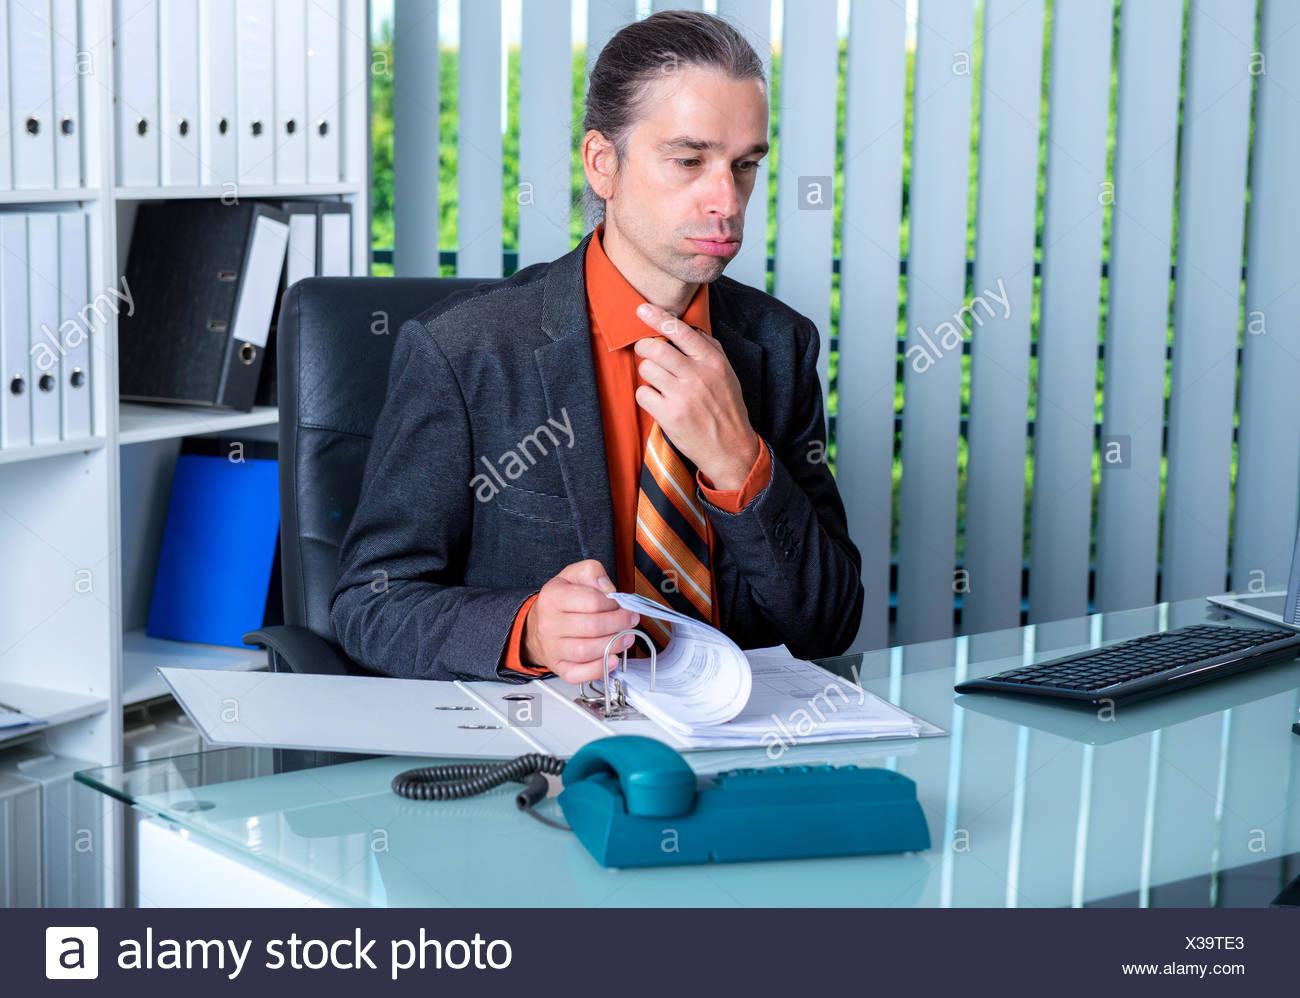 Hombre de negocios en su escritorio en la oficina caliente summerly Imagen De Stock